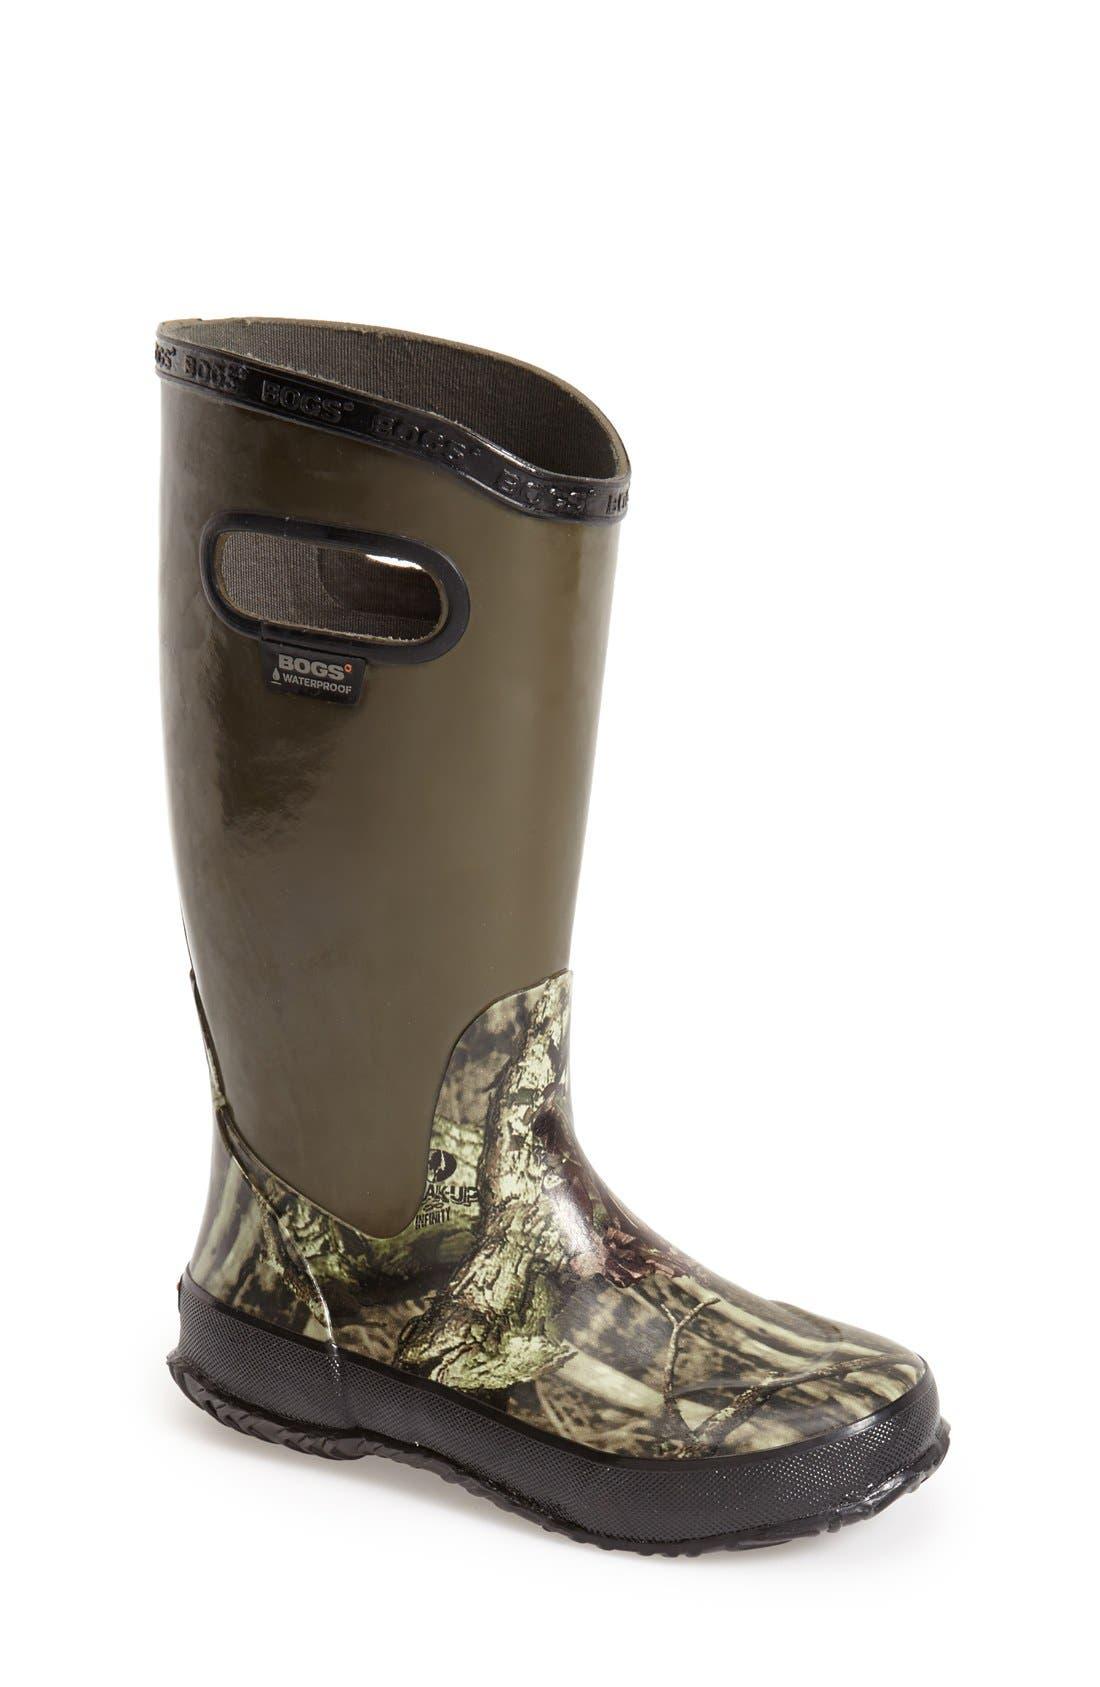 BOGS Hunting Waterproof Boot